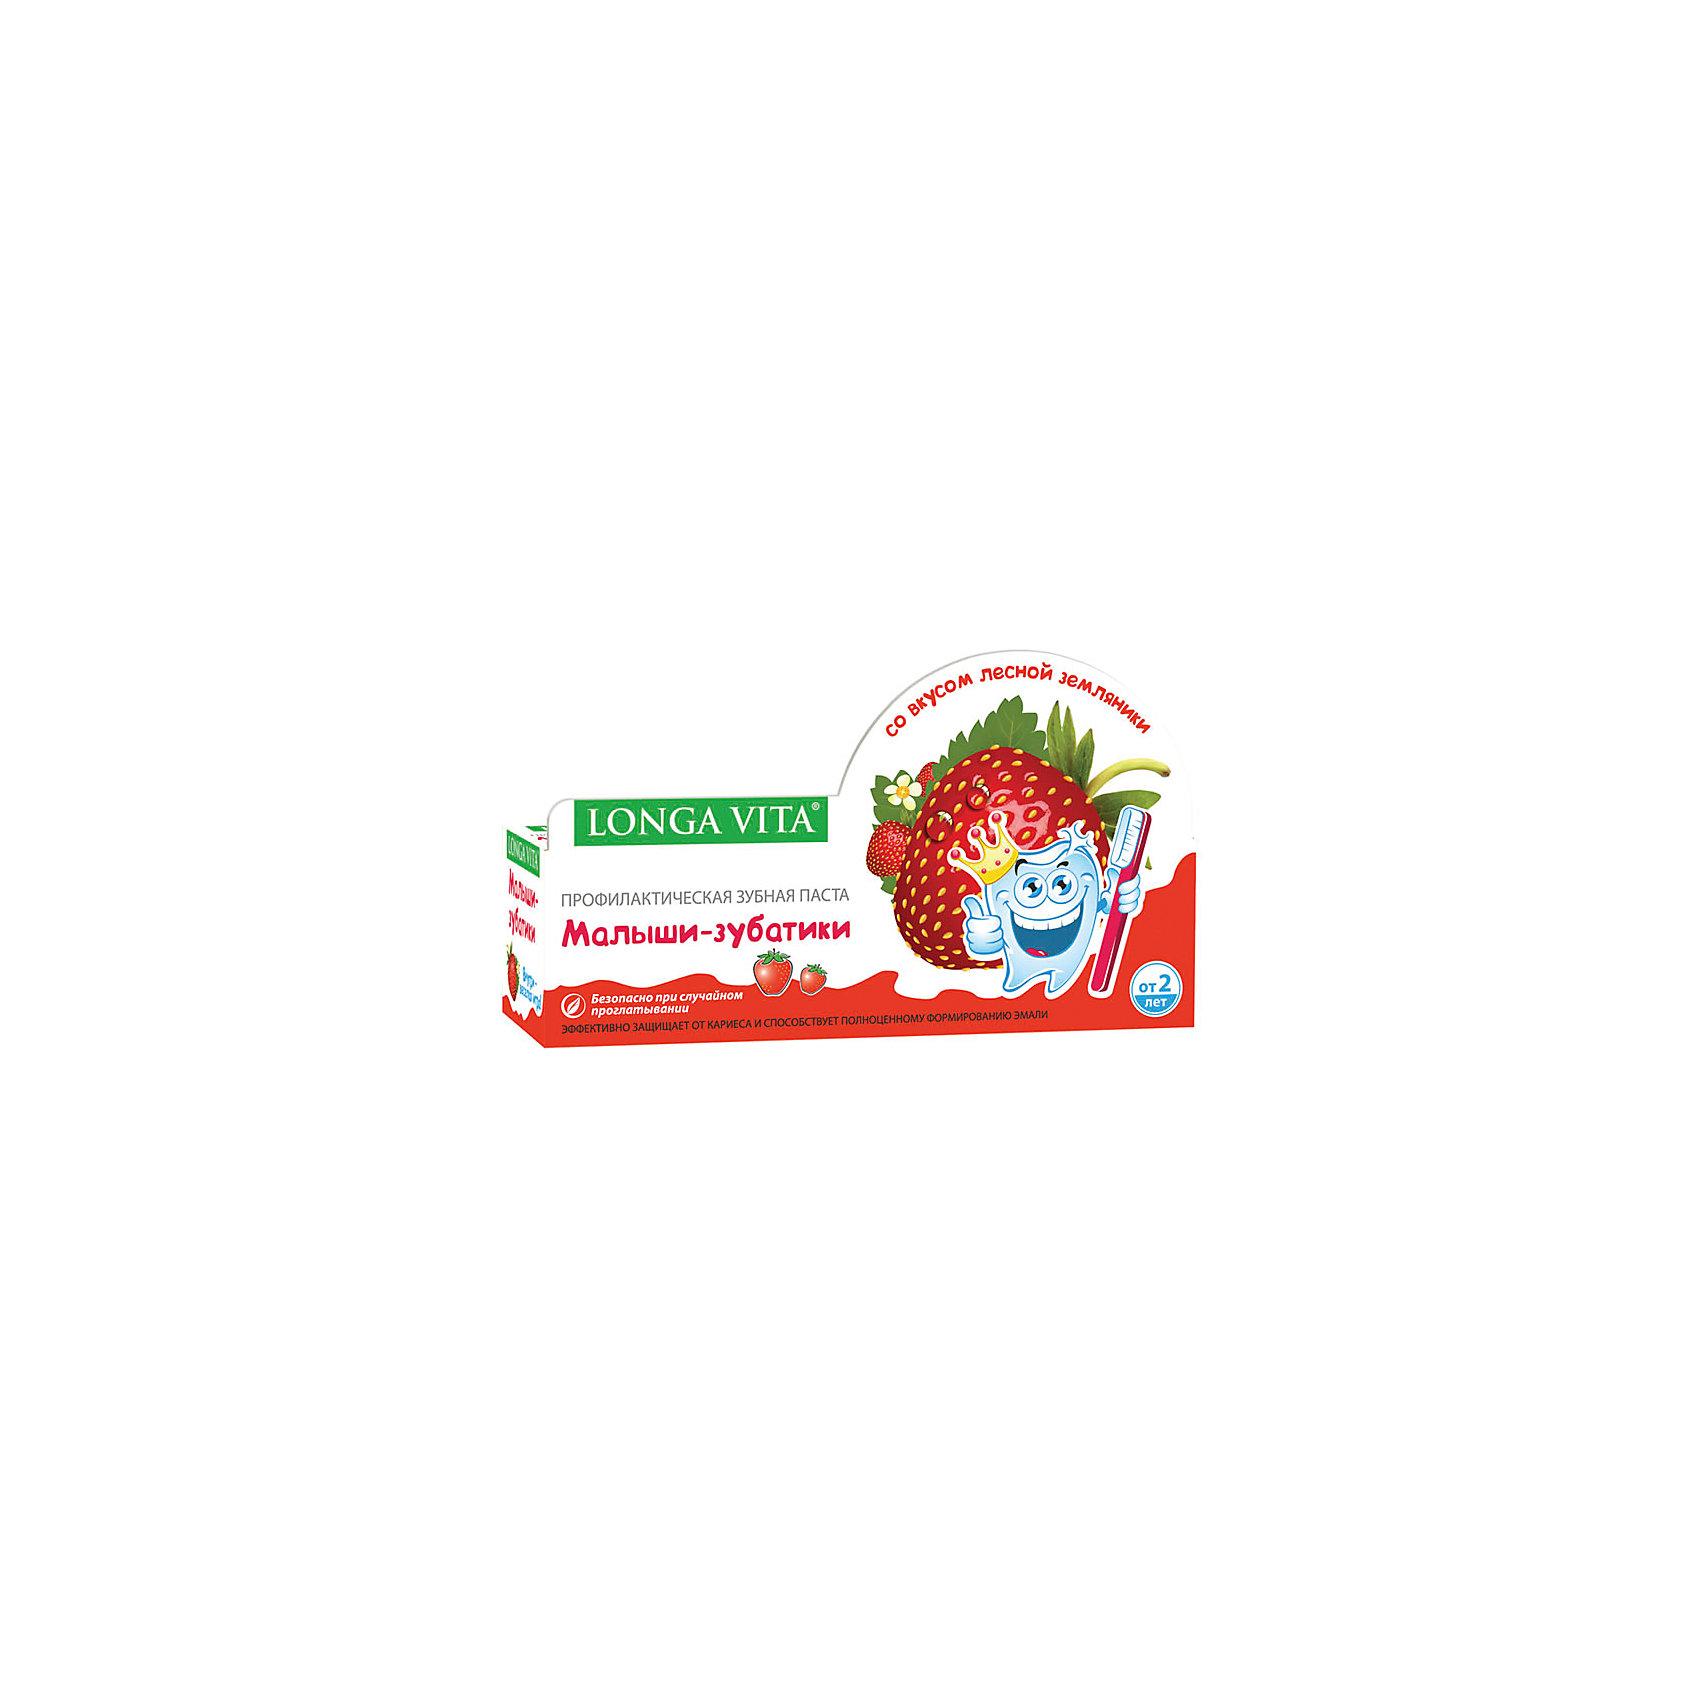 Детская зубная паста Малыши-зубатики (лесная земляника), от 2-х лет, LONGA VITAПрофилактическая зубная паста используется для бережной очистки молочных зубов от налета и остатков пищи. Регулярное использование зубной пасты способствует формированию эмали. Зубная паста с защитой от кариеса предназначена для детей старше 2-х лет. Безопасна при случайном проглатывании. <br><br>Дополнительная информация:<br><br>Со вкусом лесной земляники.<br>Объем: 67 мл<br>Зубная паста не содержит: SLS, фтор, сахар, парабены, триклозан.<br><br>Детскую зубную пасту Малыши-зубатики (лесная земляника), от 2-х лет, LONGA VITA можно купить в нашем интернет-магазине.<br><br>Ширина мм: 300<br>Глубина мм: 100<br>Высота мм: 50<br>Вес г: 100<br>Возраст от месяцев: 24<br>Возраст до месяцев: 2147483647<br>Пол: Унисекс<br>Возраст: Детский<br>SKU: 5008323